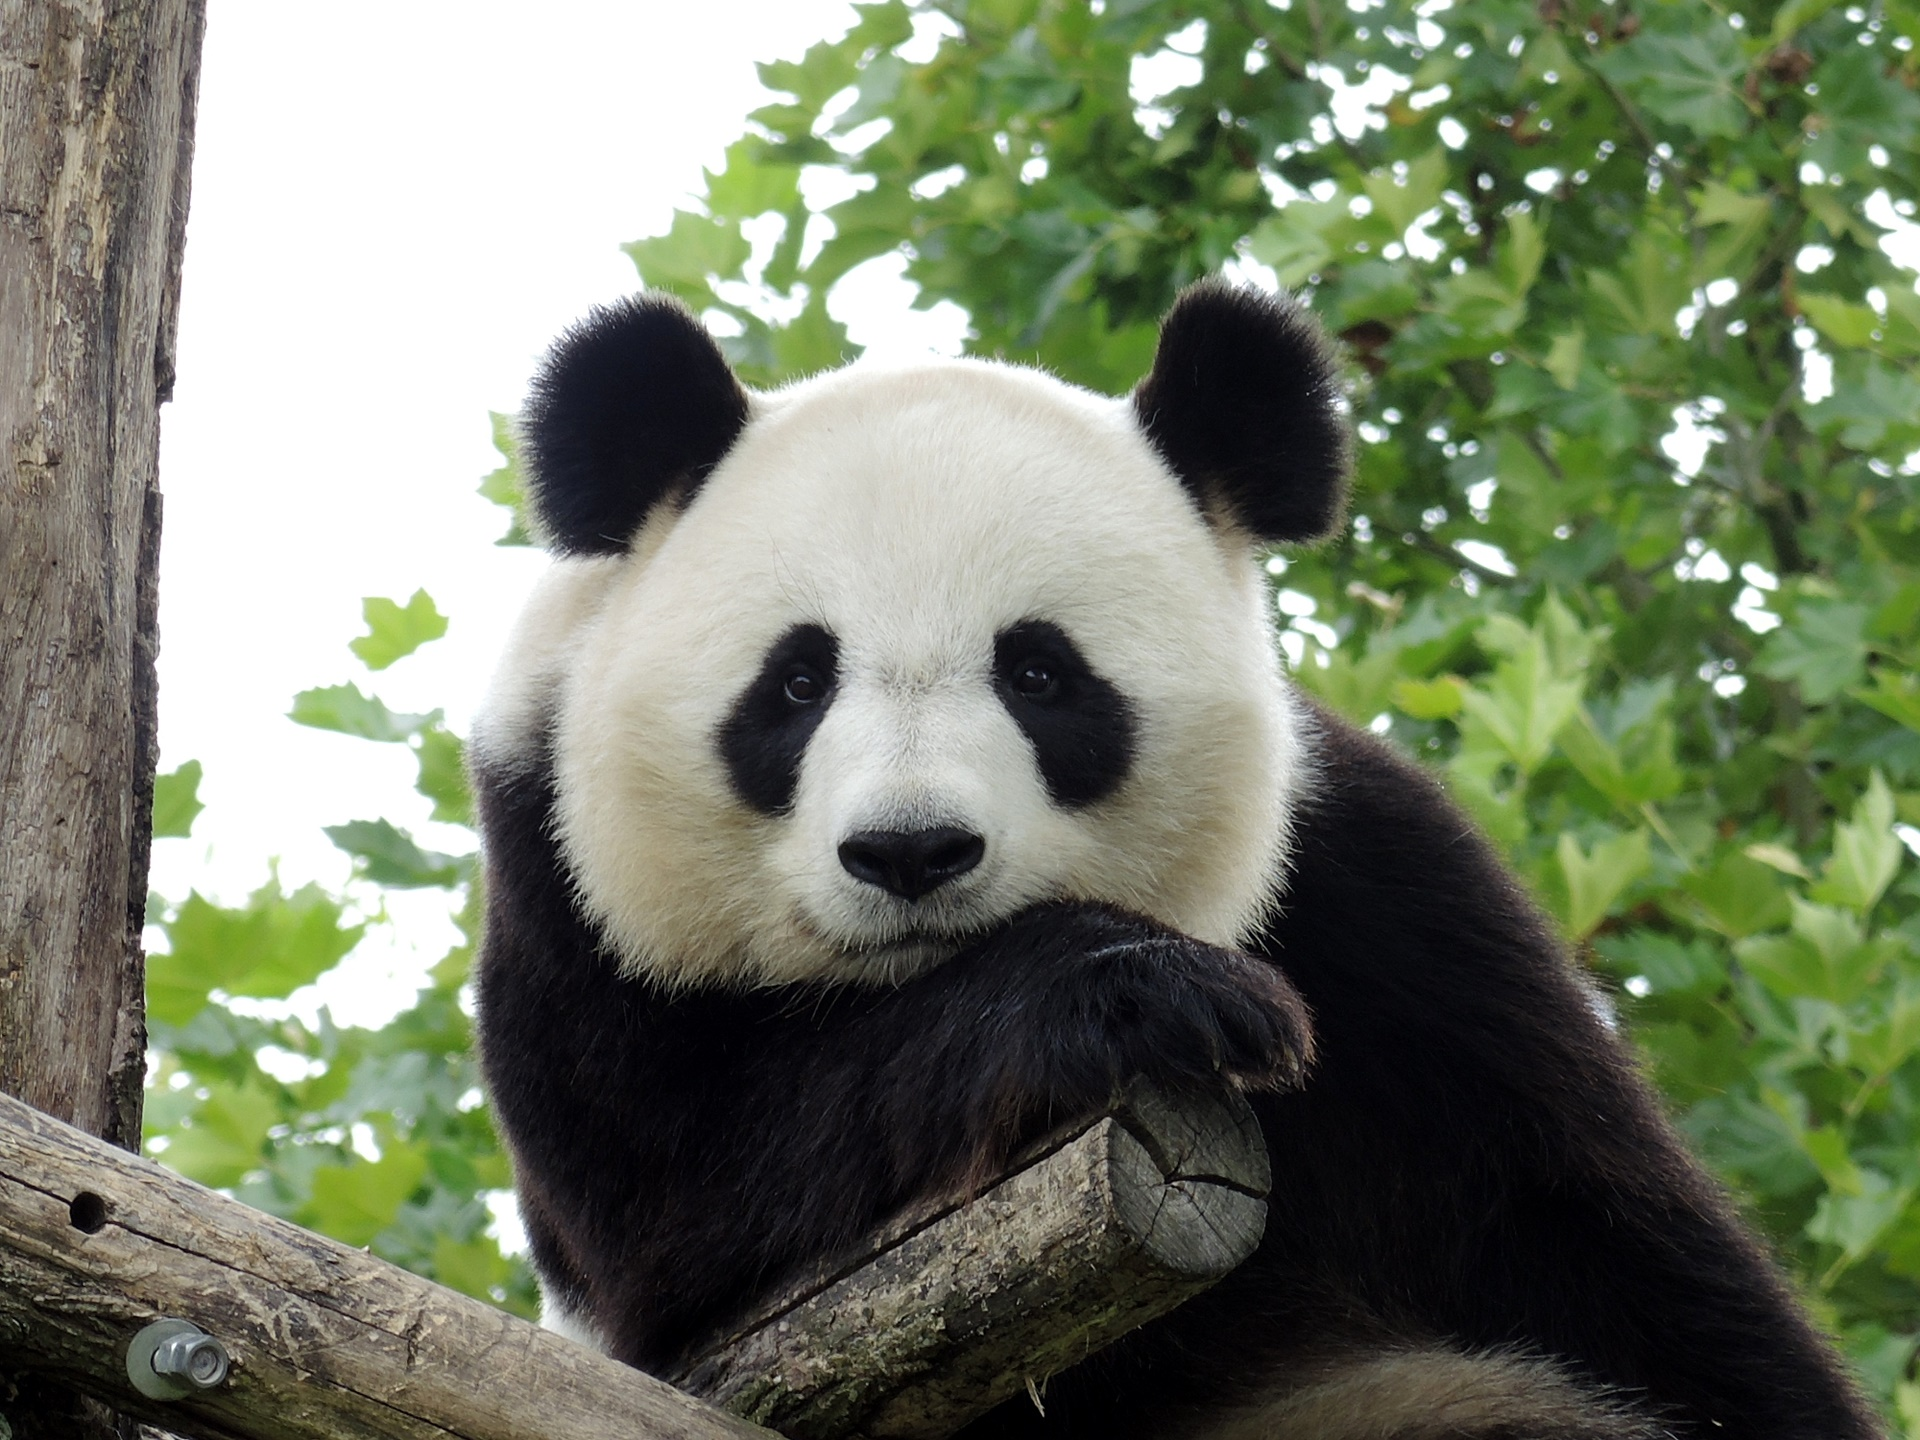 壁纸动物熊猫_大熊猫高清壁纸|桌面背景|1920x1440|ID:721500-WallpaperAbyss